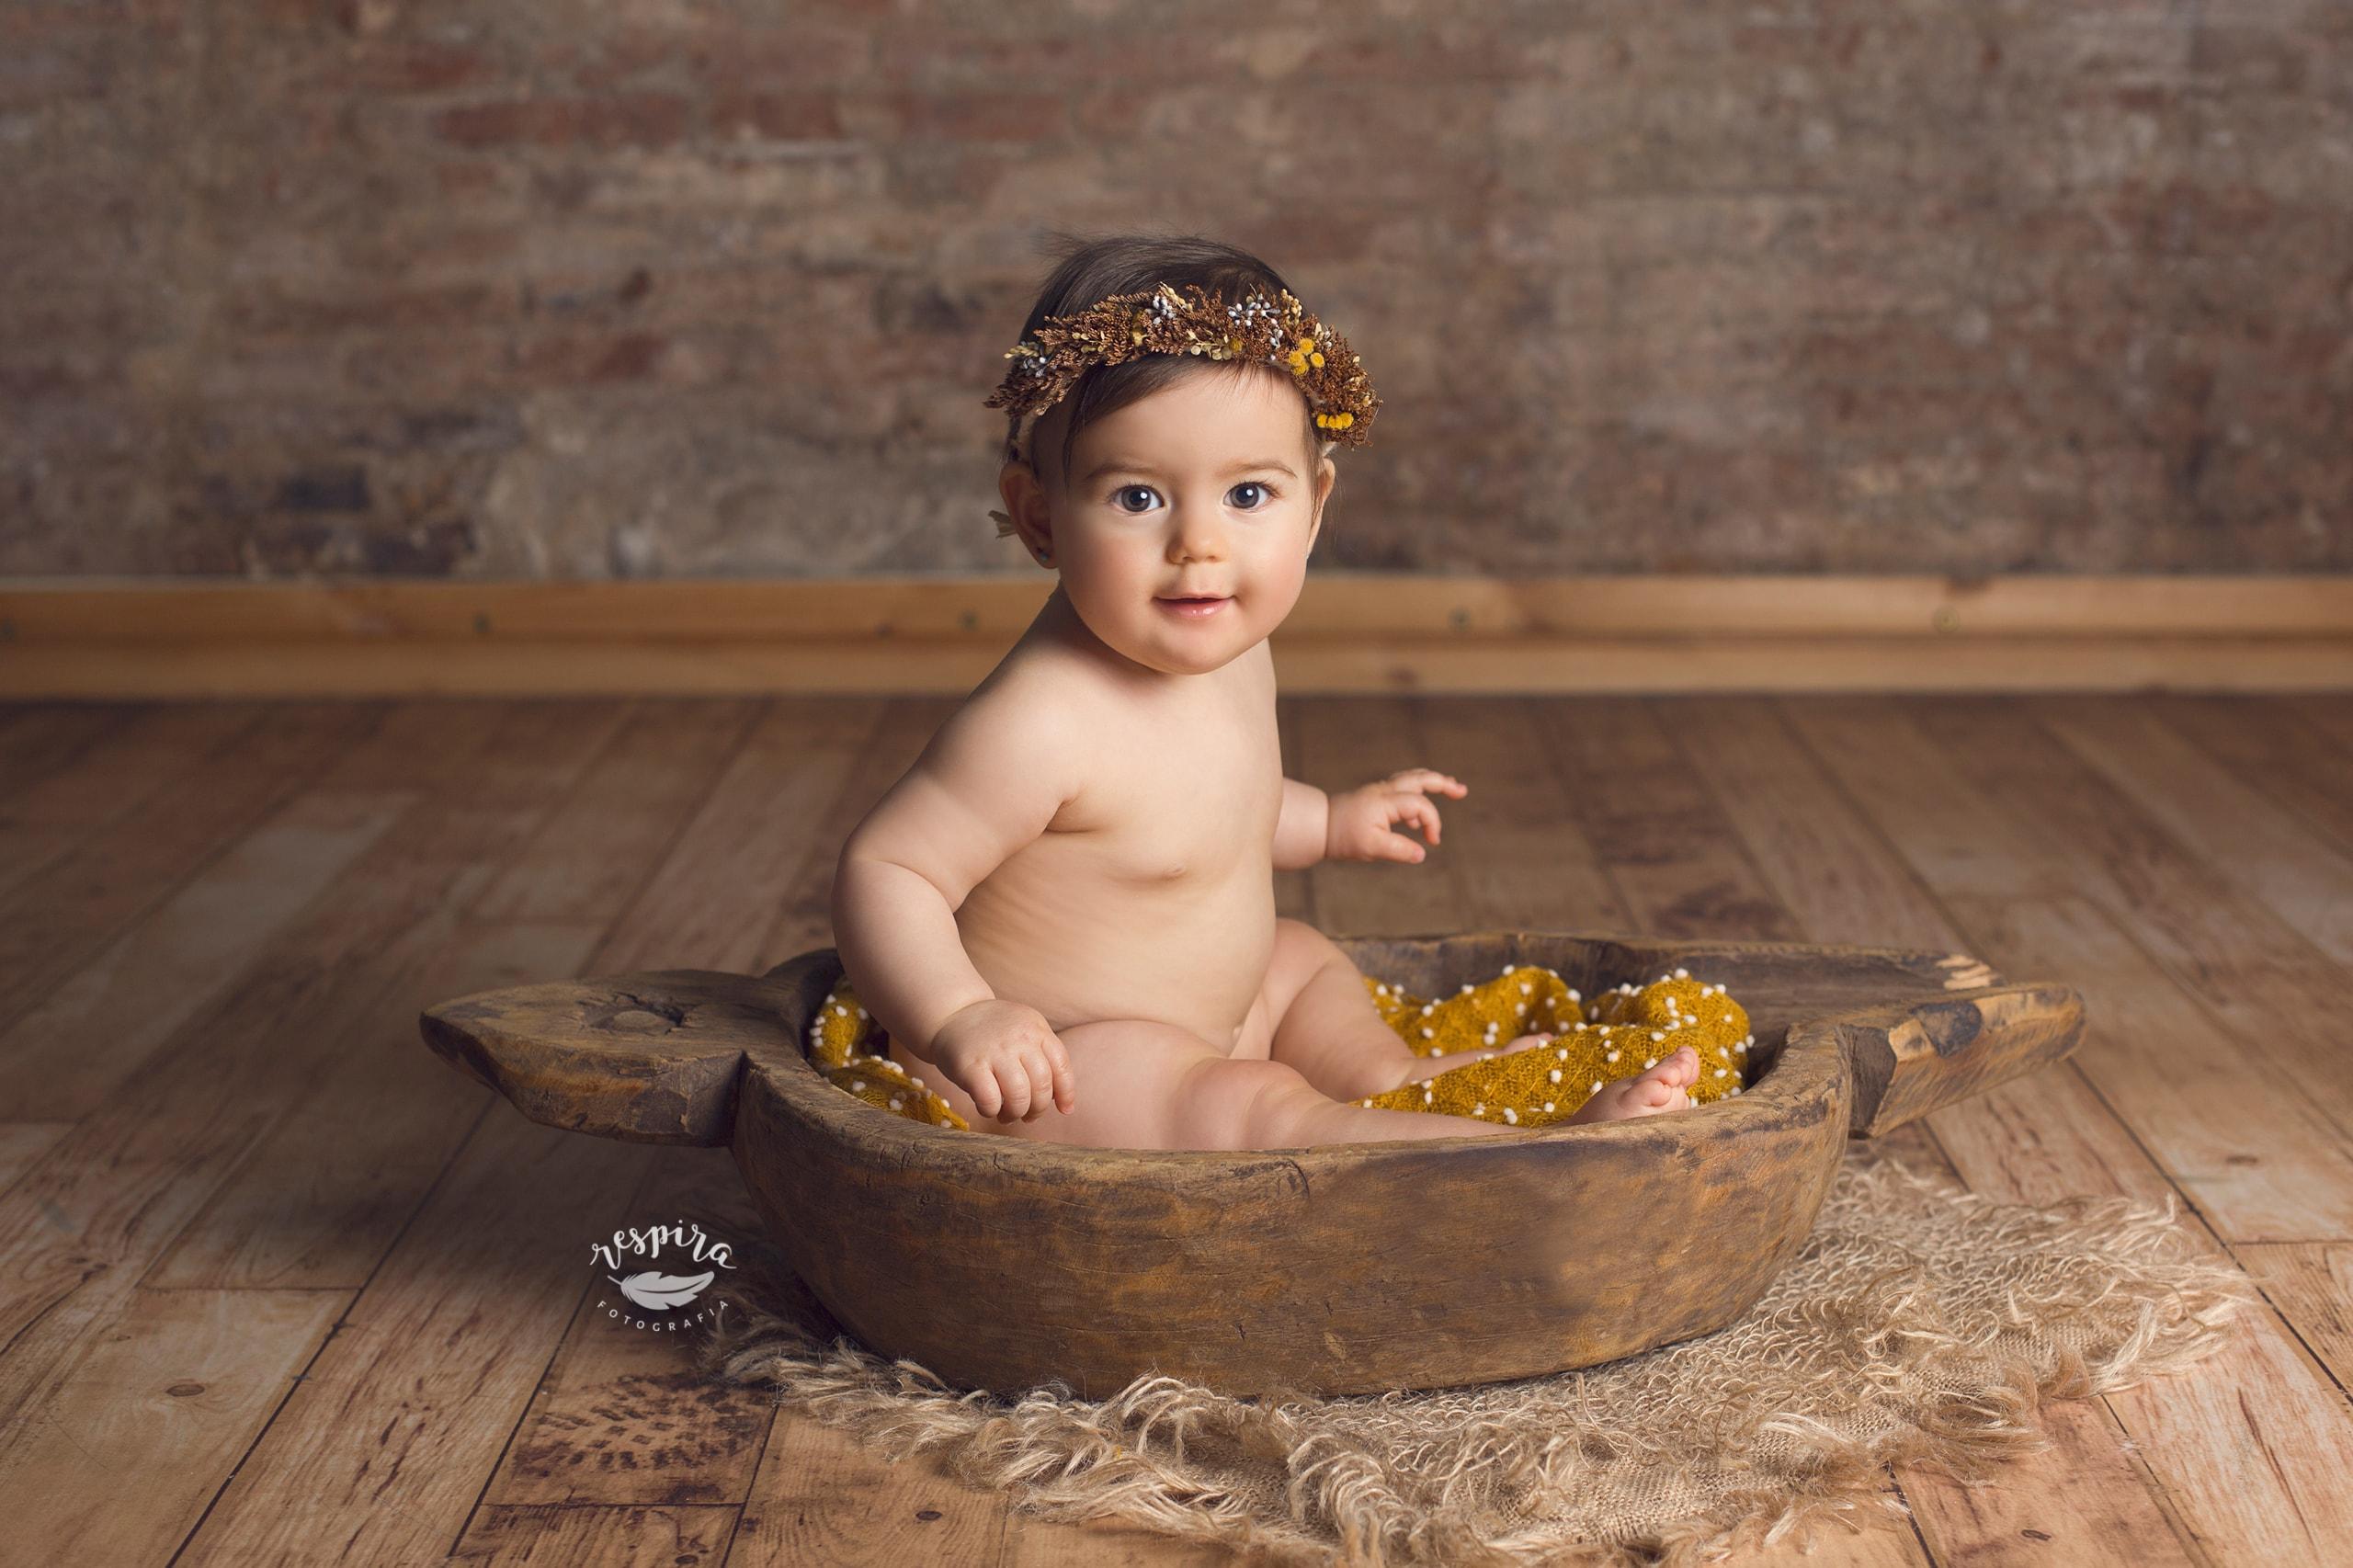 Fotografo infantil en olesa de montserrat barcelona